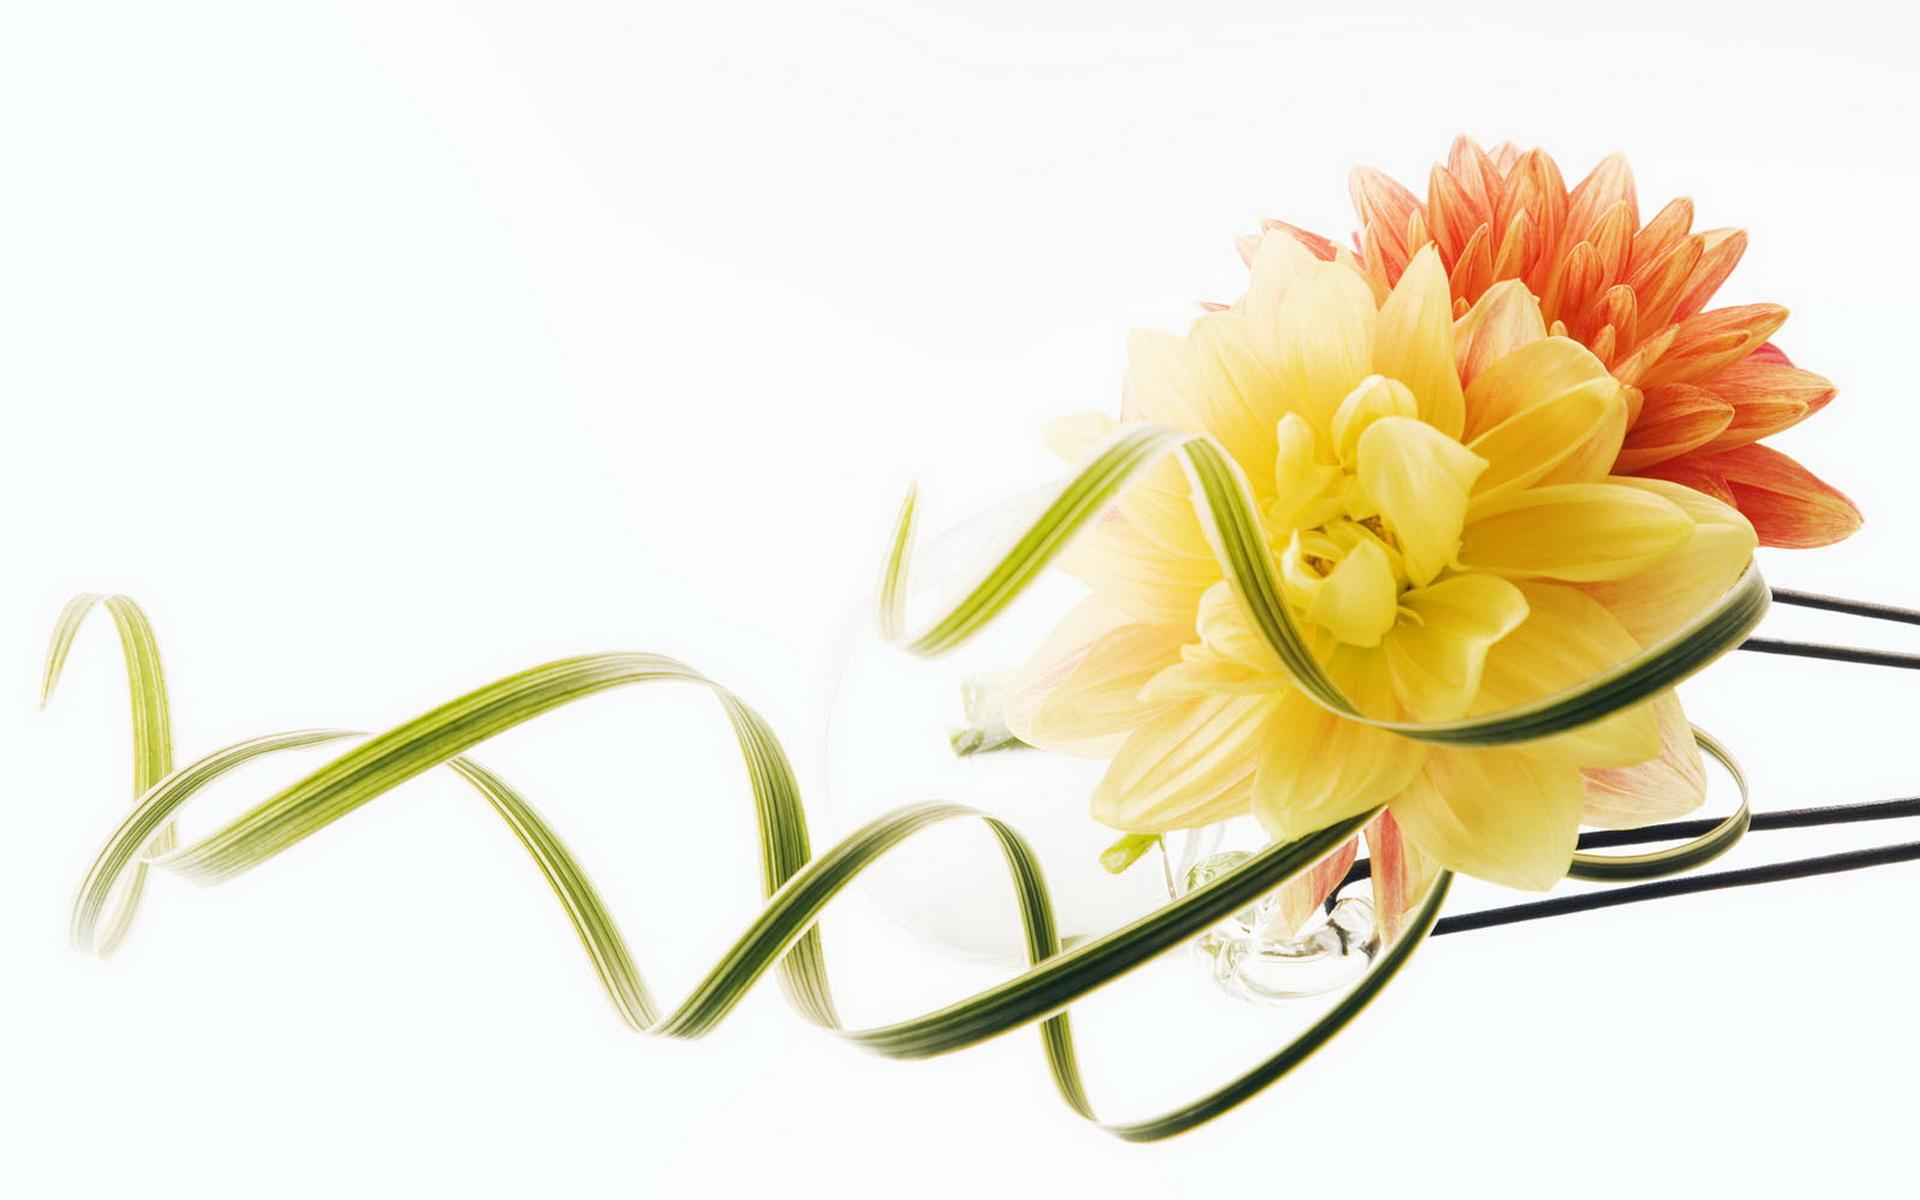 Yewllow Flowers Art